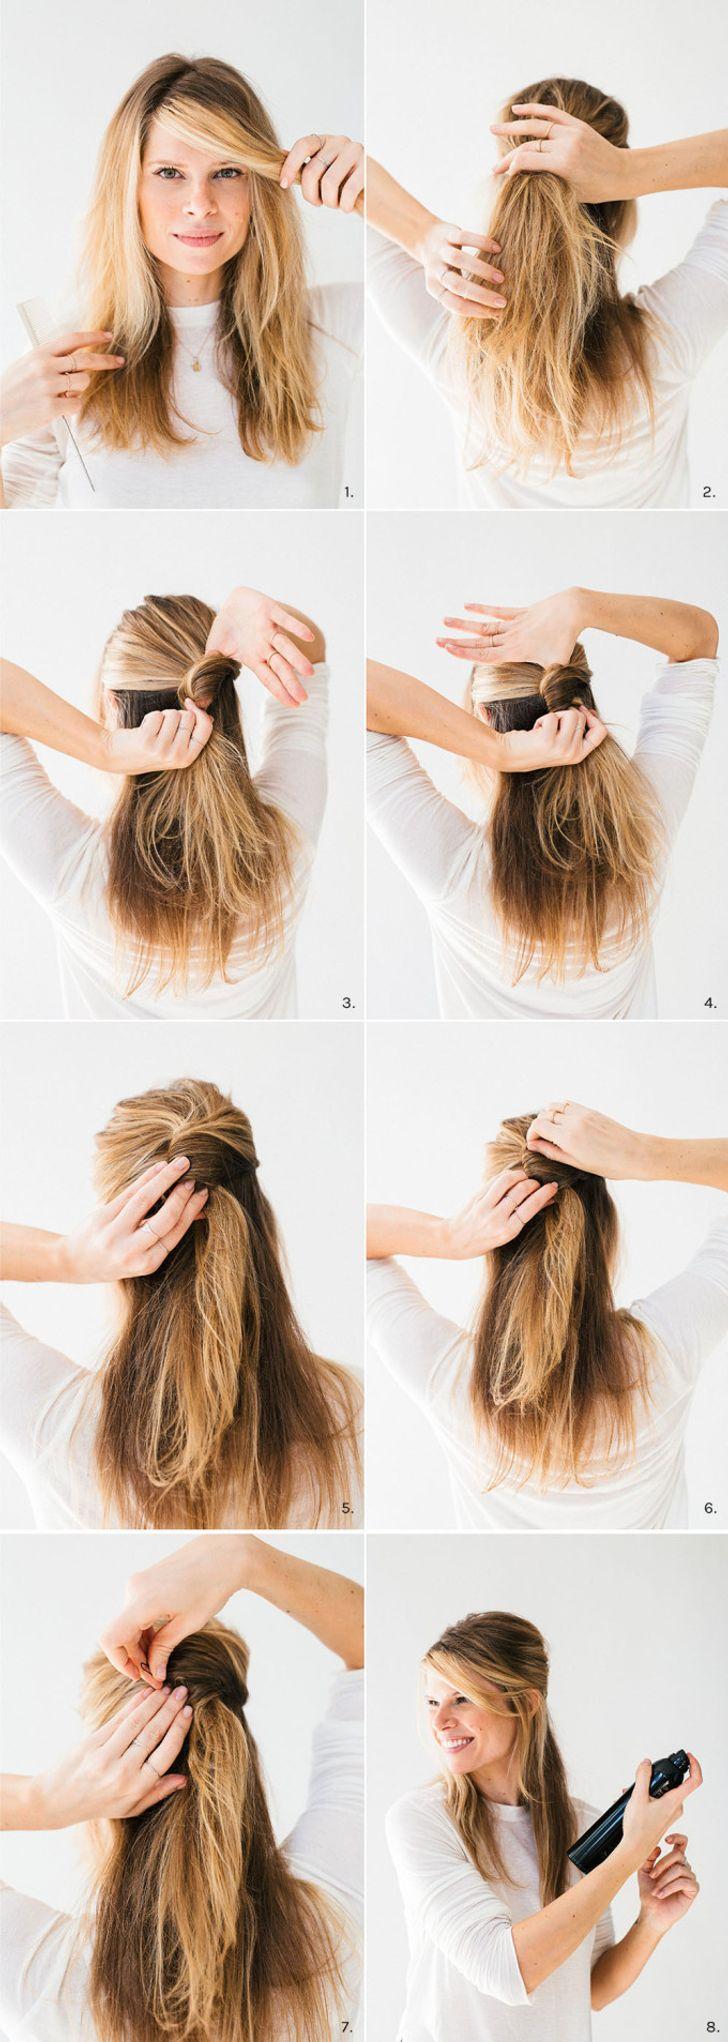 Kiểu tóc xõa kiểu Pháp